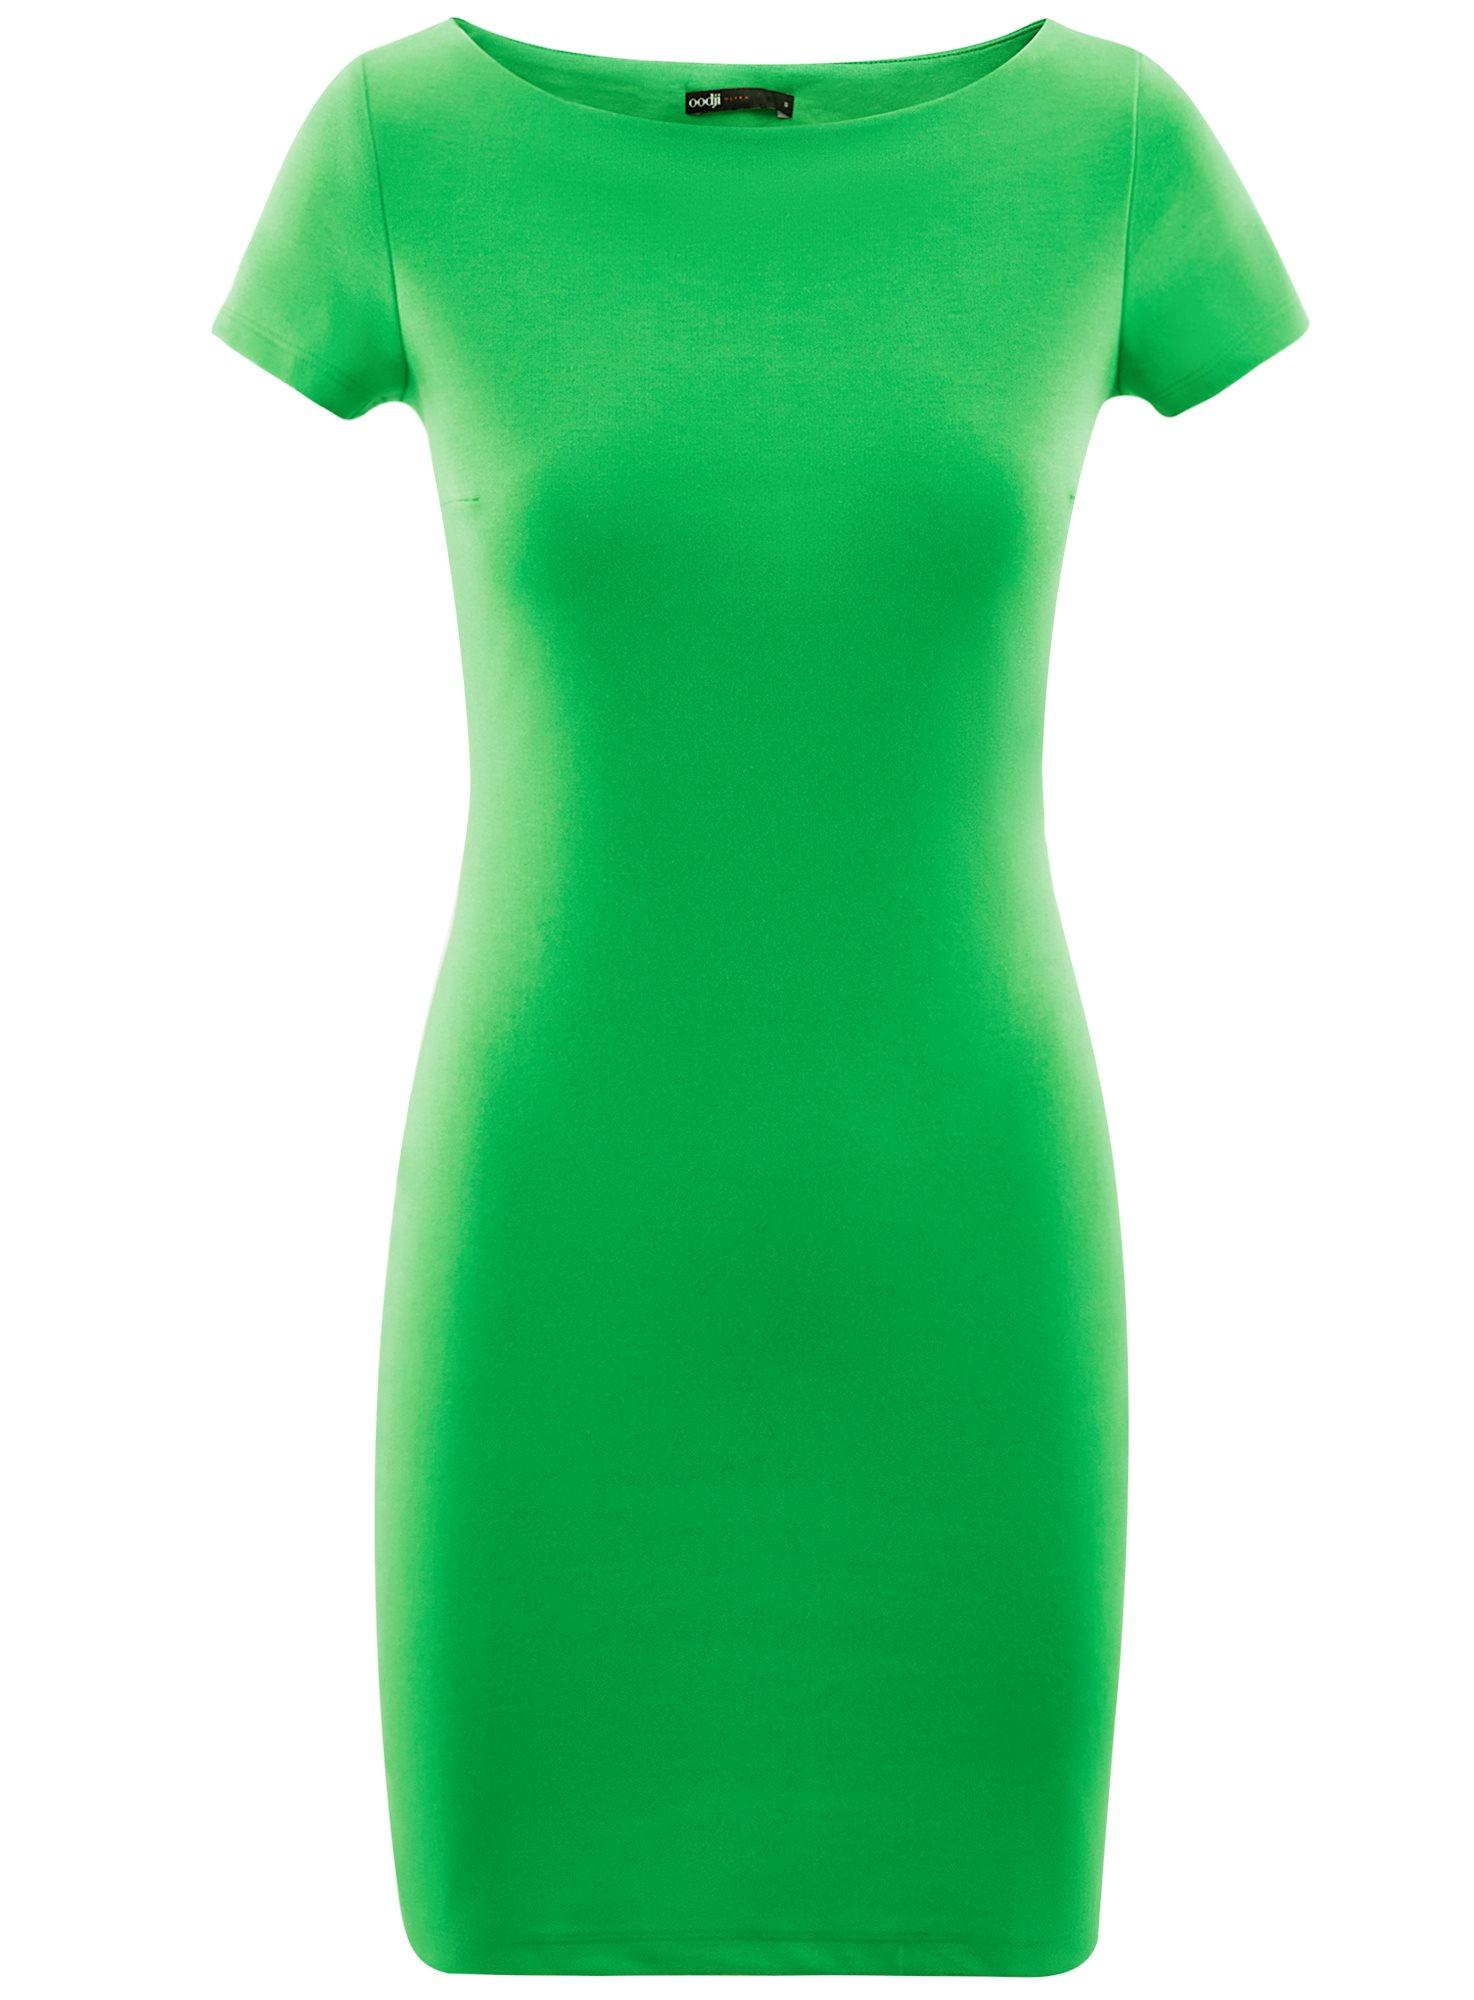 Платье трикотажное с вырезом-лодочкой oodji для женщины (зеленый), 14001117-2B/16564/6A00N